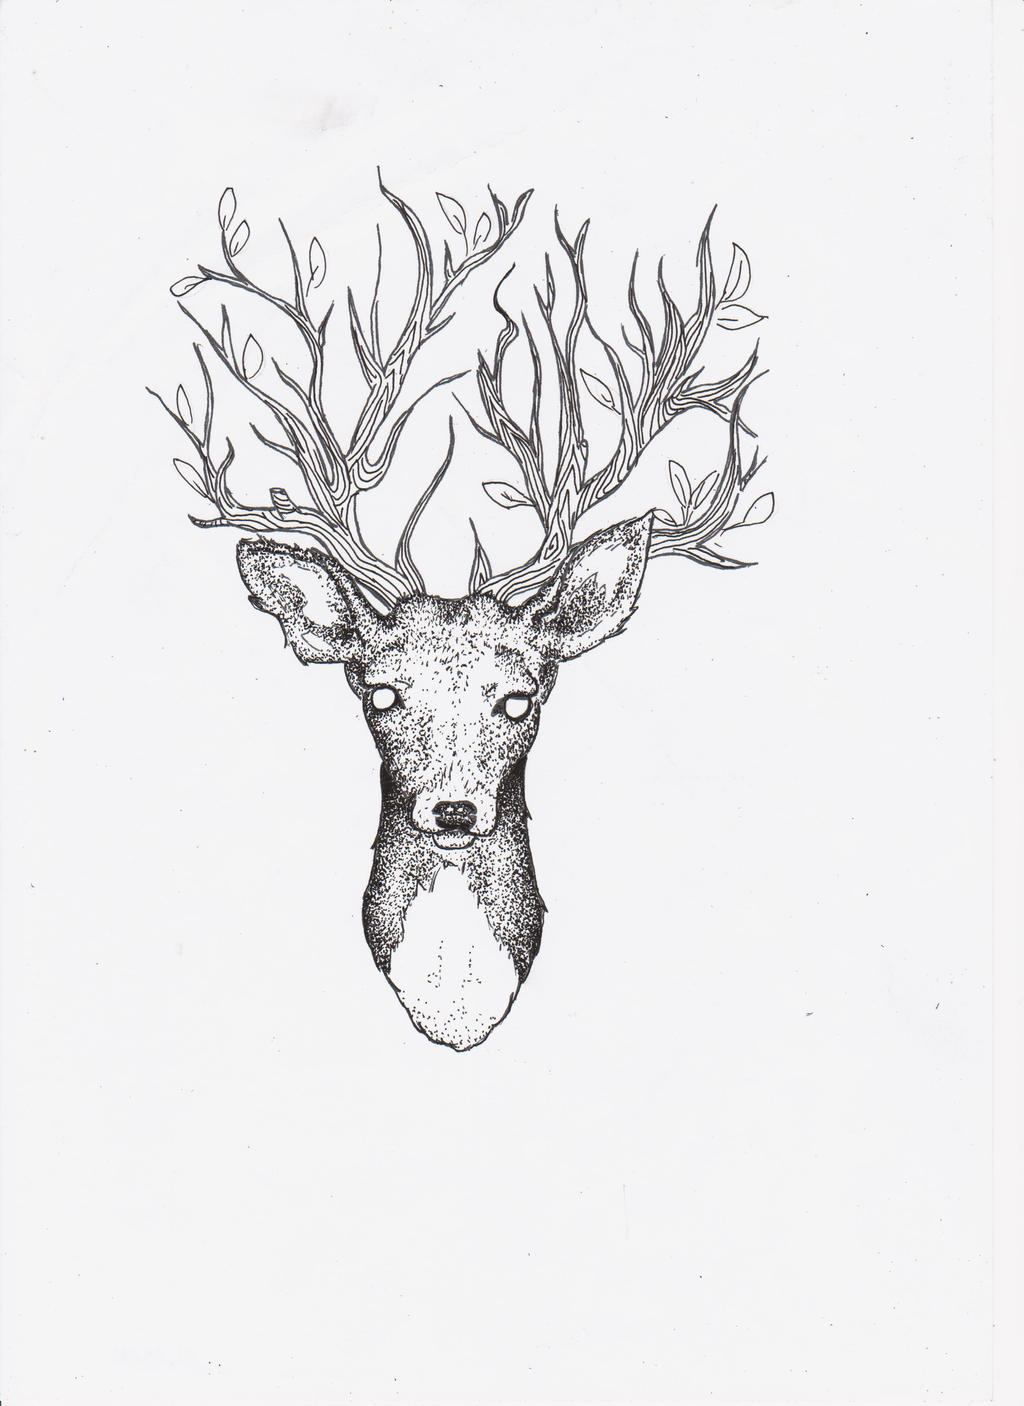 Doe Deer Drawing Tumblr | www.imgkid.com - The Image Kid ...